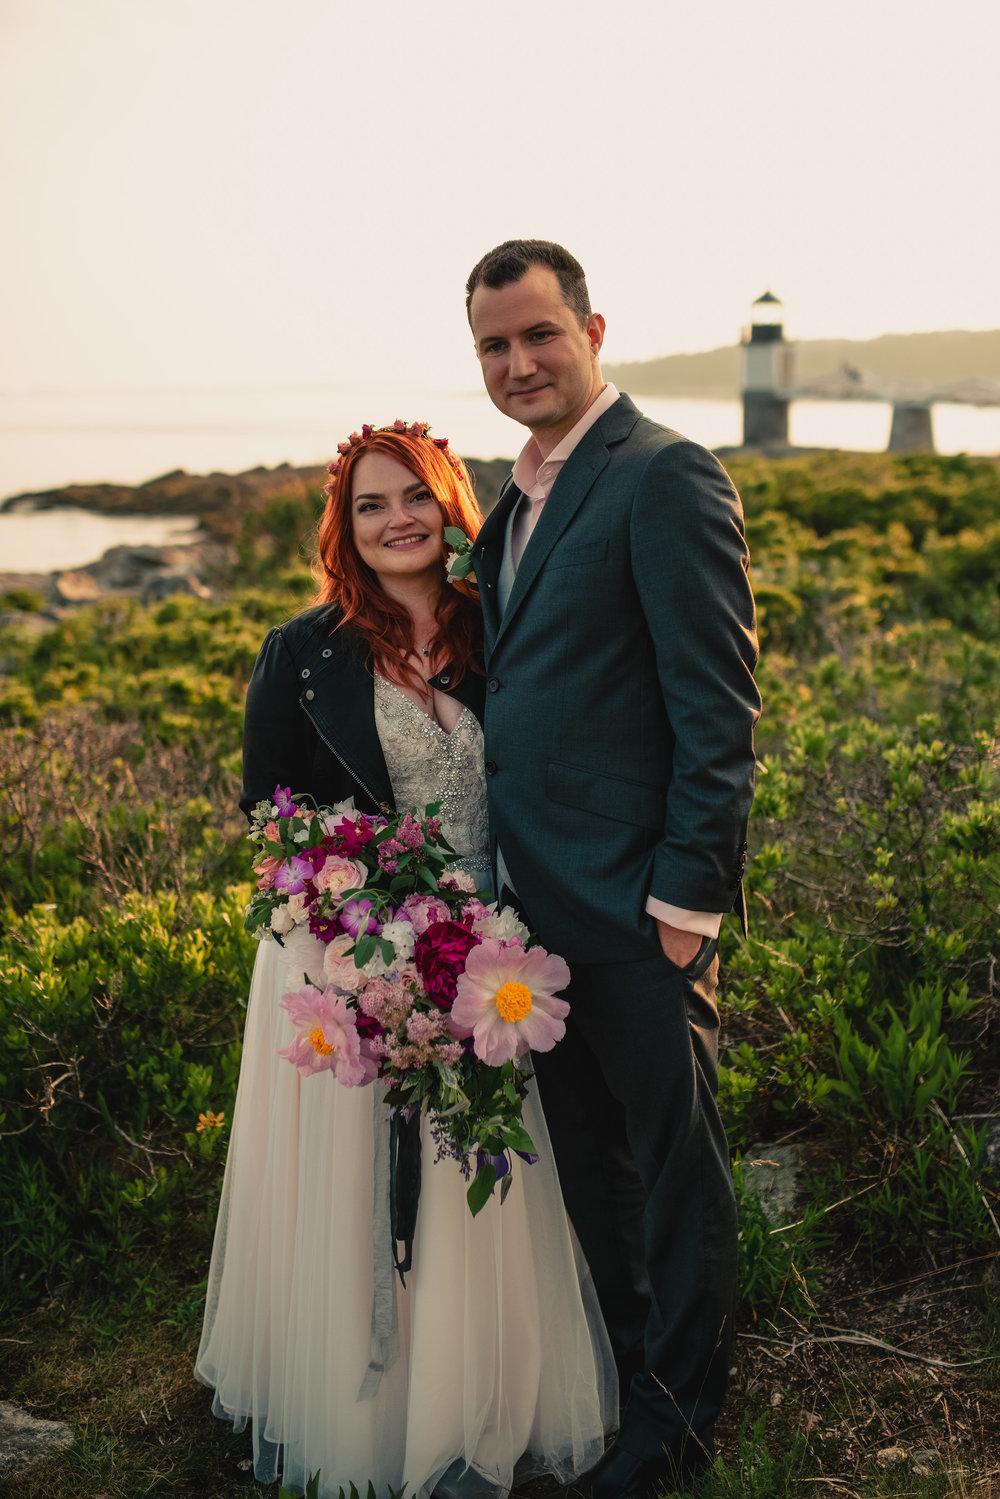 Watershed_Floral_Maine_Wedding_Florist_515-Edit.jpg